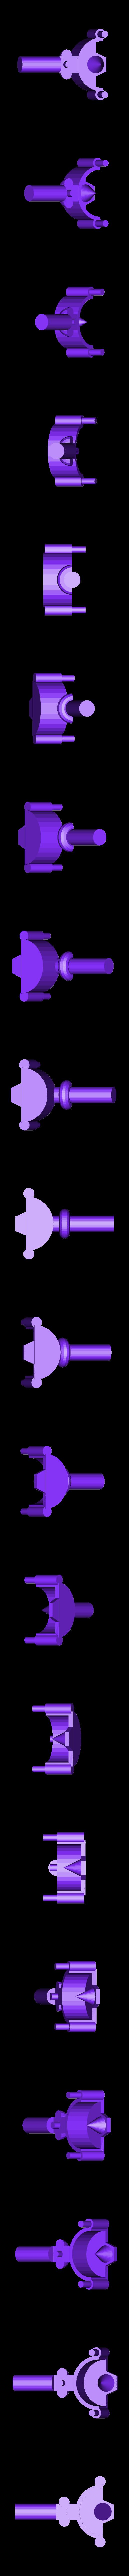 Leg.stl Télécharger fichier STL gratuit Cerf robot contrôlé par les doigts • Objet pour impression 3D, Janis_Bruchwalski